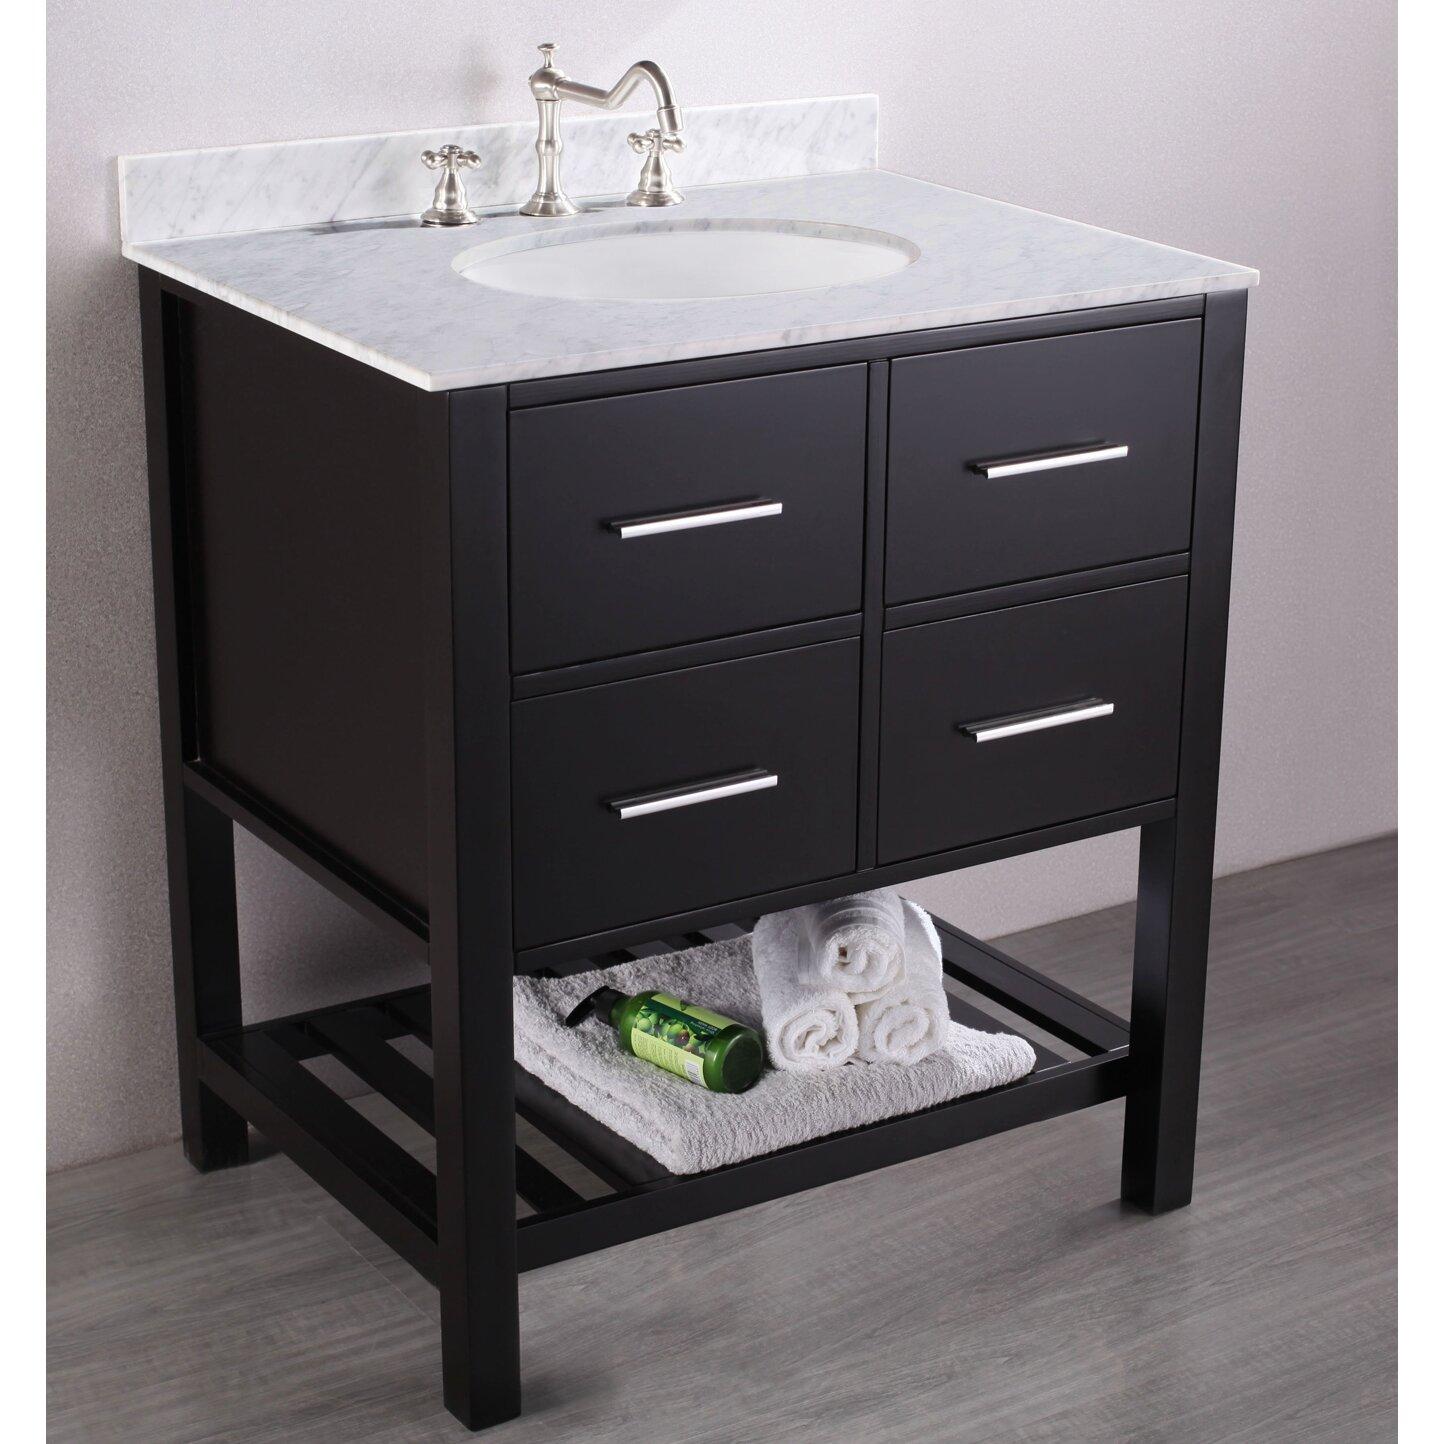 Bosconi Contemporary 30 Single Bathroom Vanity Set With